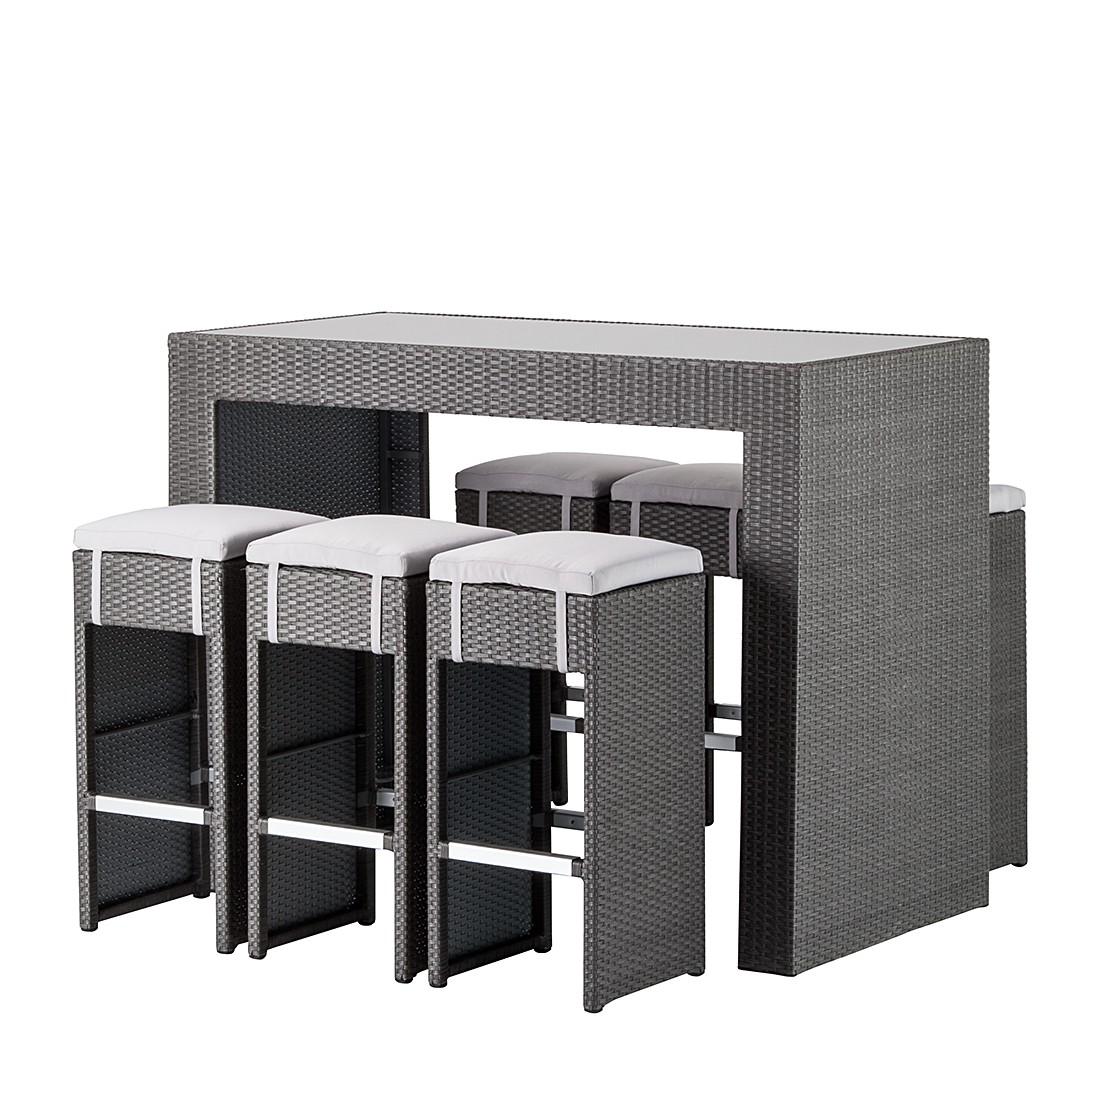 gartenbar polyrattan preisvergleich die besten angebote online kaufen. Black Bedroom Furniture Sets. Home Design Ideas